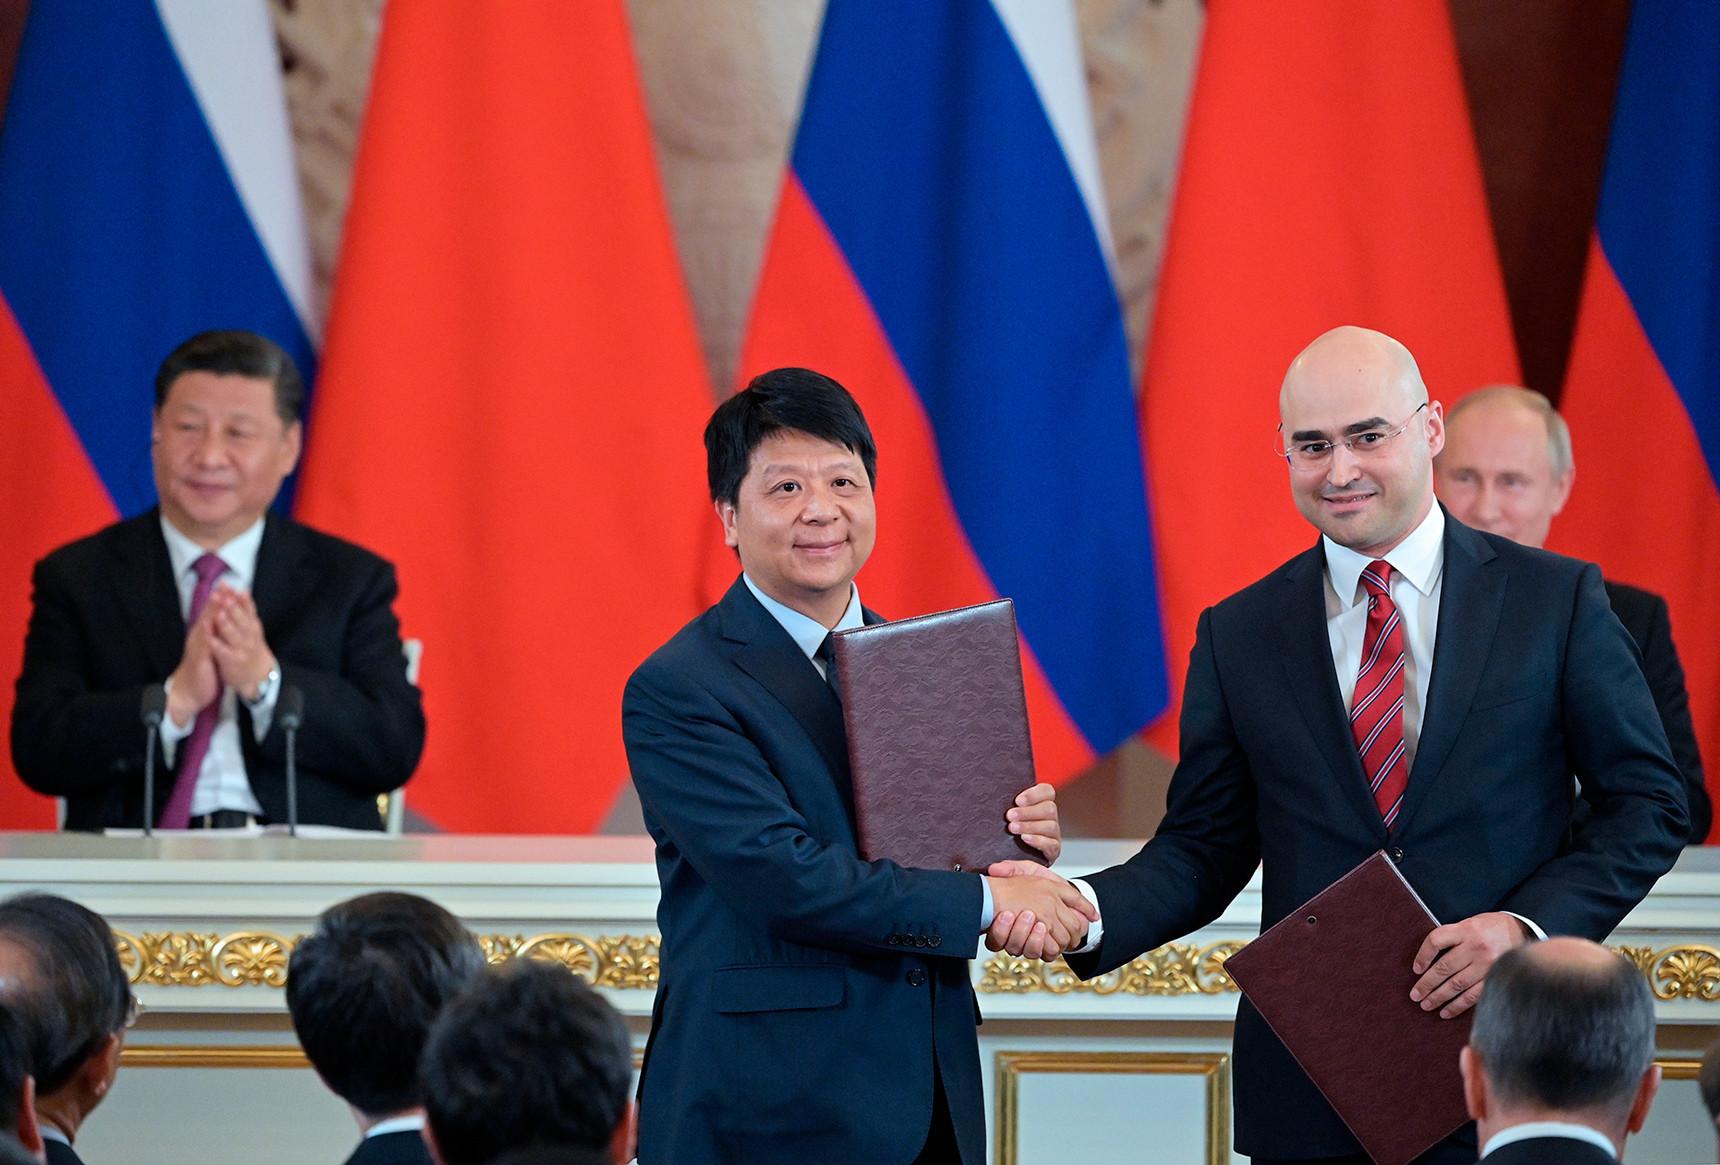 El director general de Huawei, Guo Ping, y el presidente del MTS, Alexéi Kornia, durante la ceremonia de firma de los acuerdos conjuntos